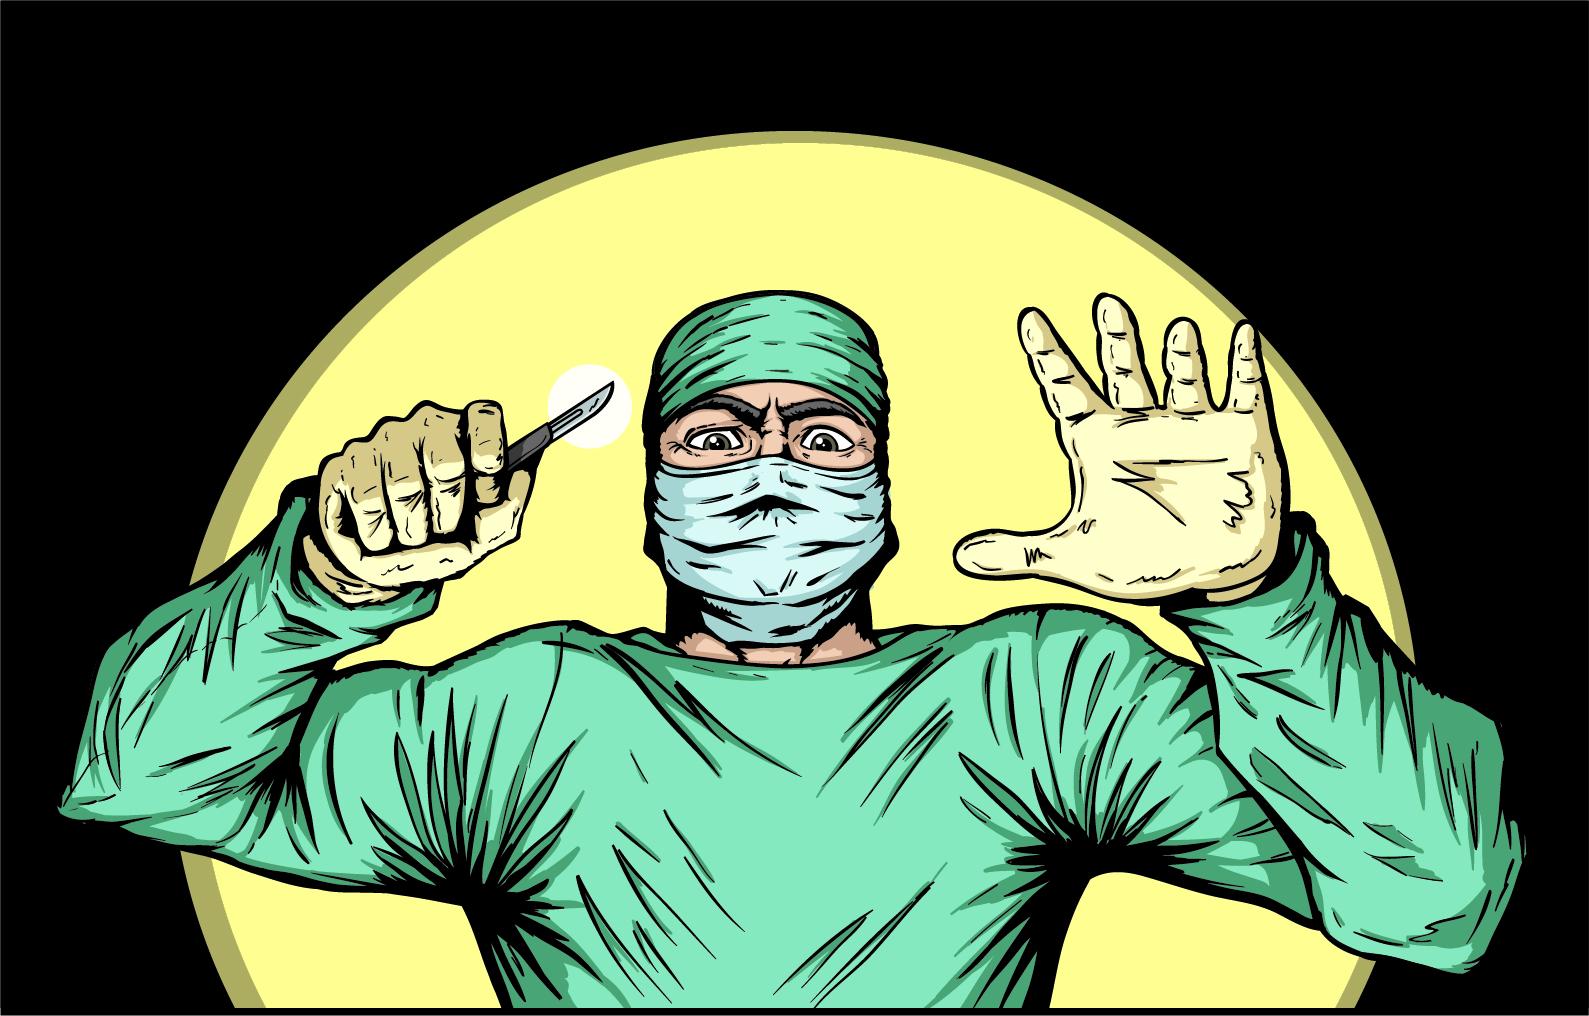 Как увеличить член без операции?